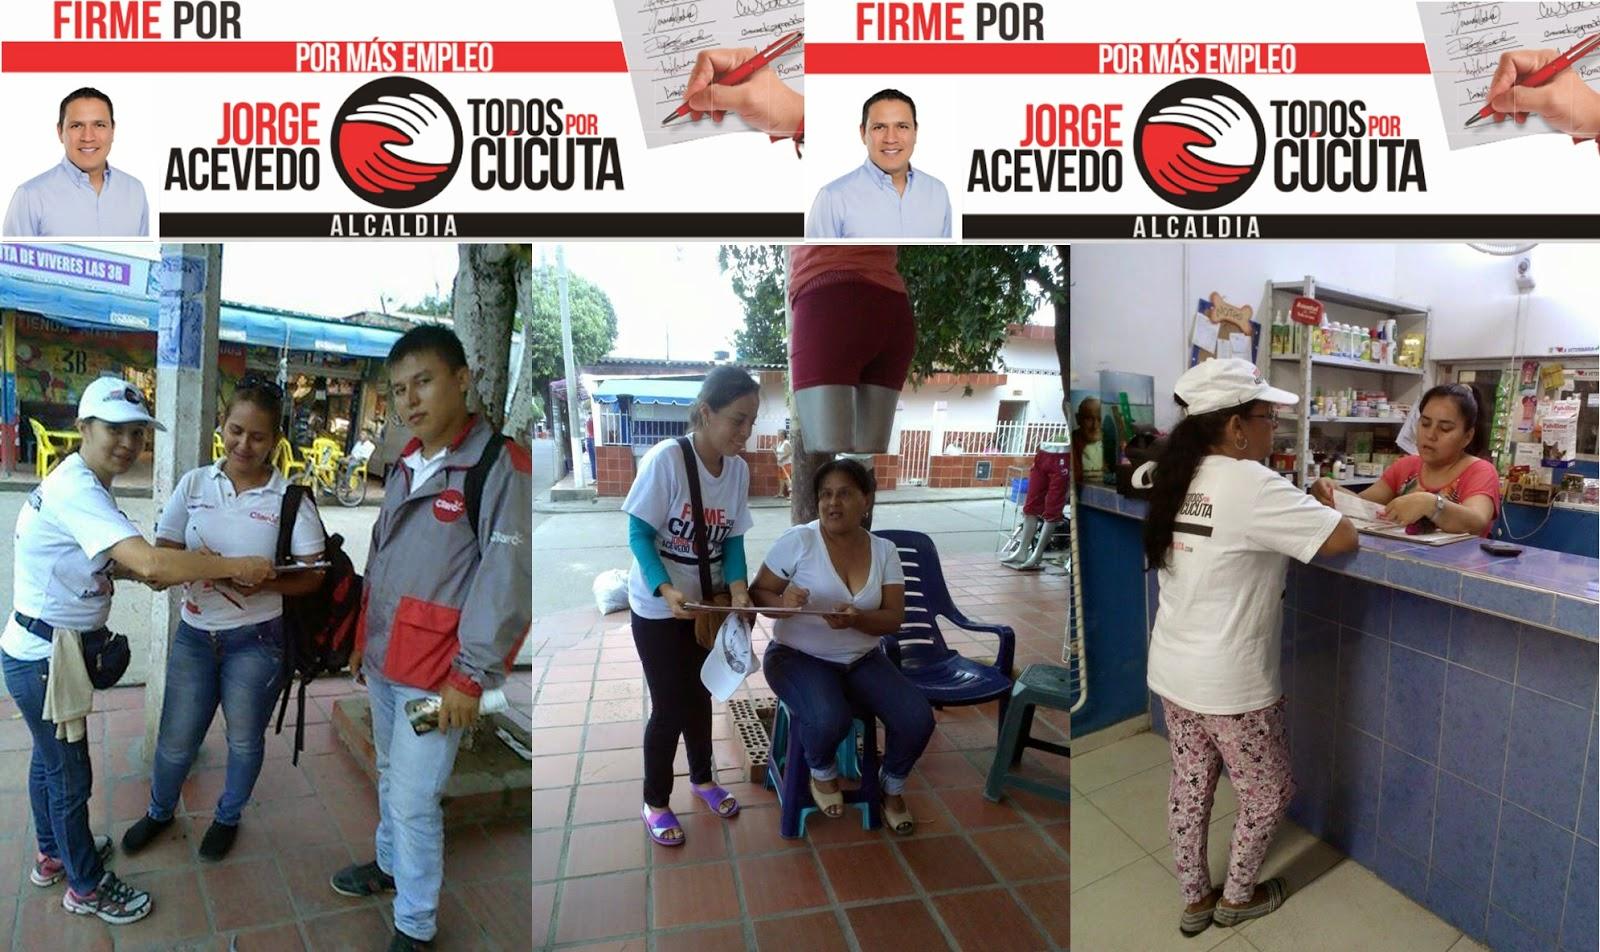 Comprobado! Jorge Acevedo recibe todo el apoyo de los cucuteños